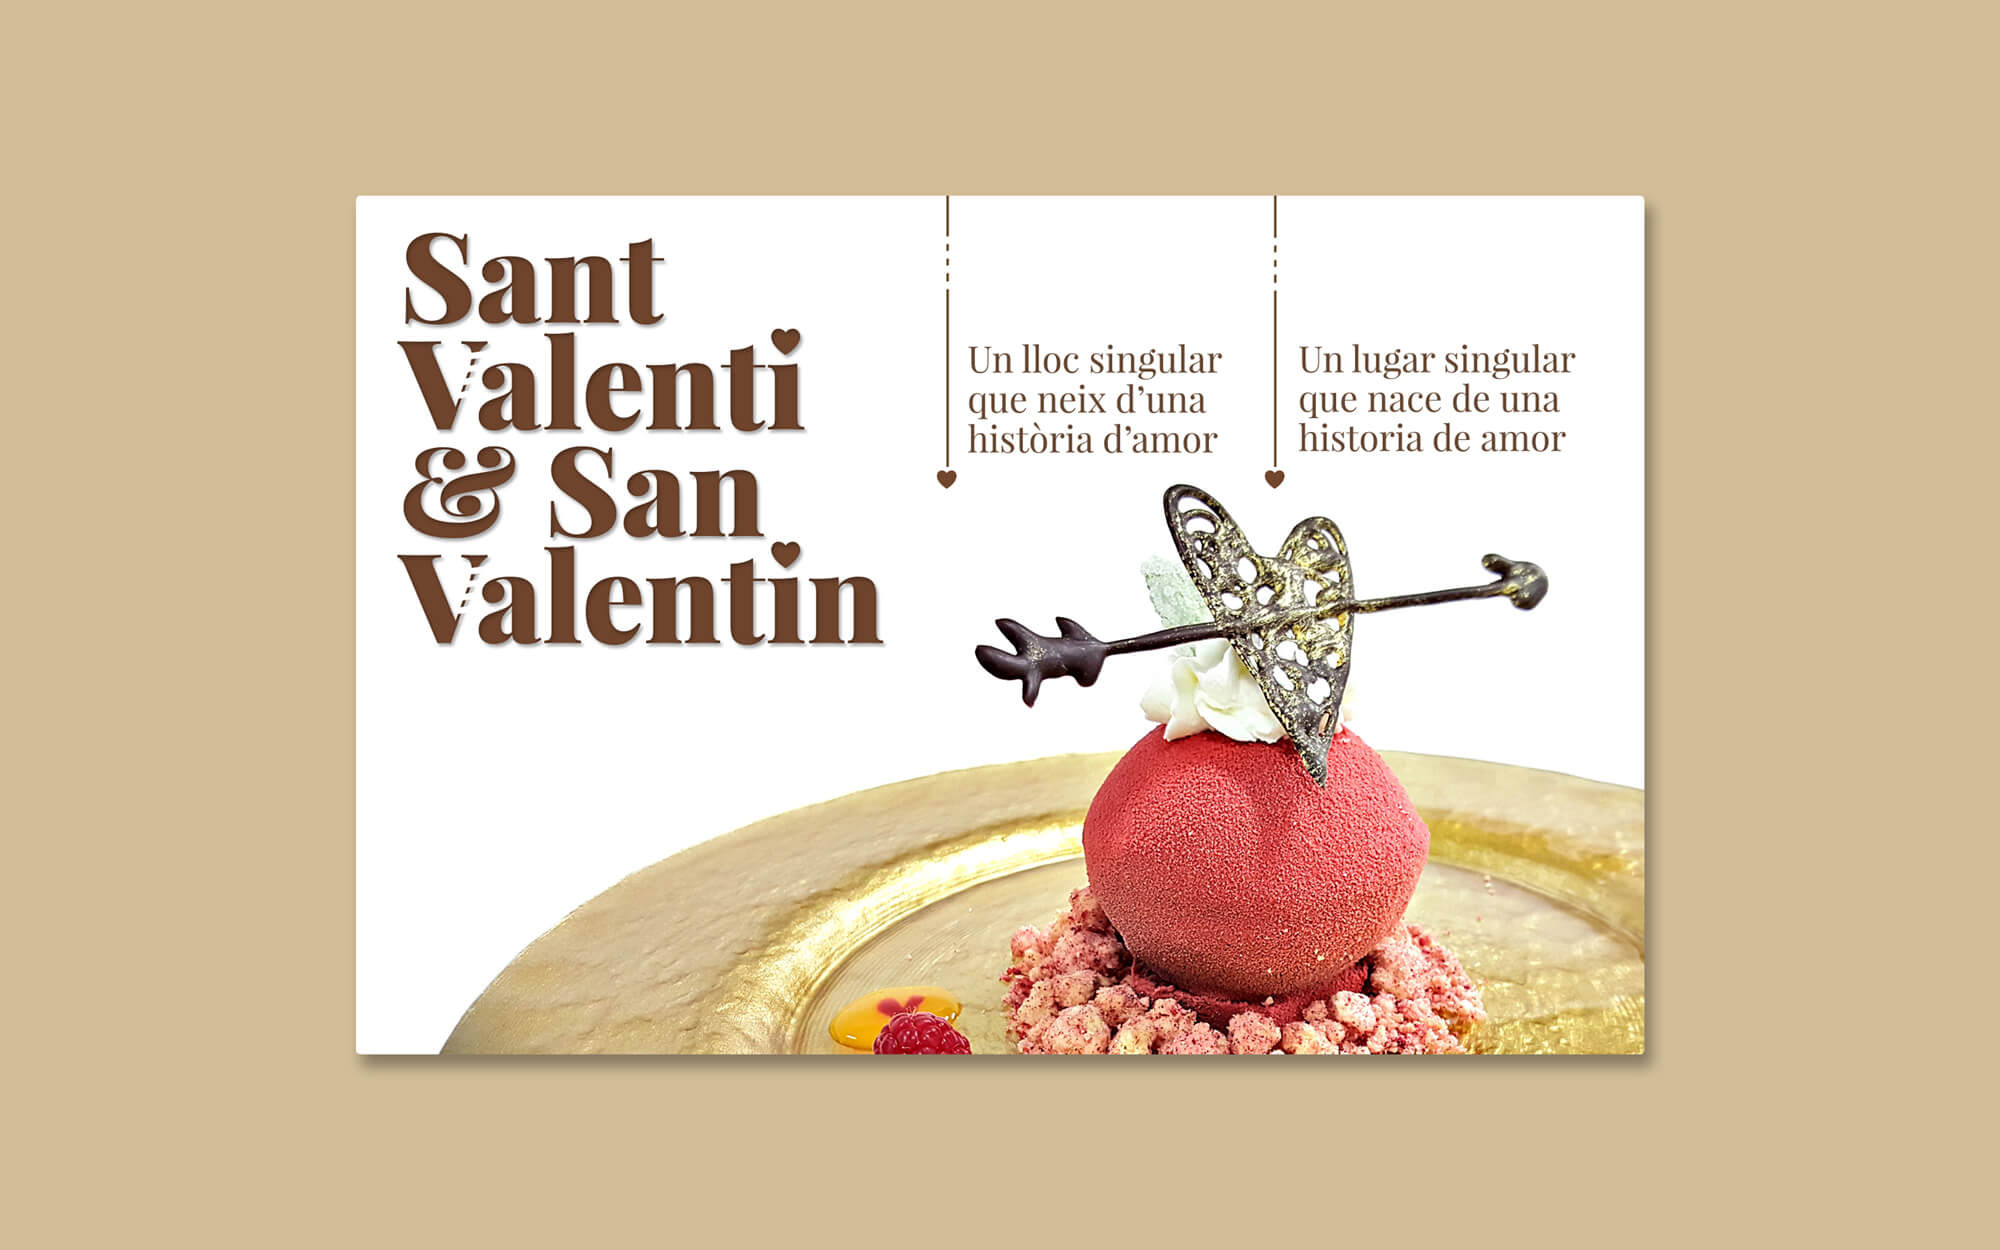 Hotel Casa Fuster, Hotel, Barcelona, Sant Valentí, Newsletter, la Negreta, Disseny Gràfic, Barri de Gràcia, Digital, Comunicació, Mailchimp, Creativitat